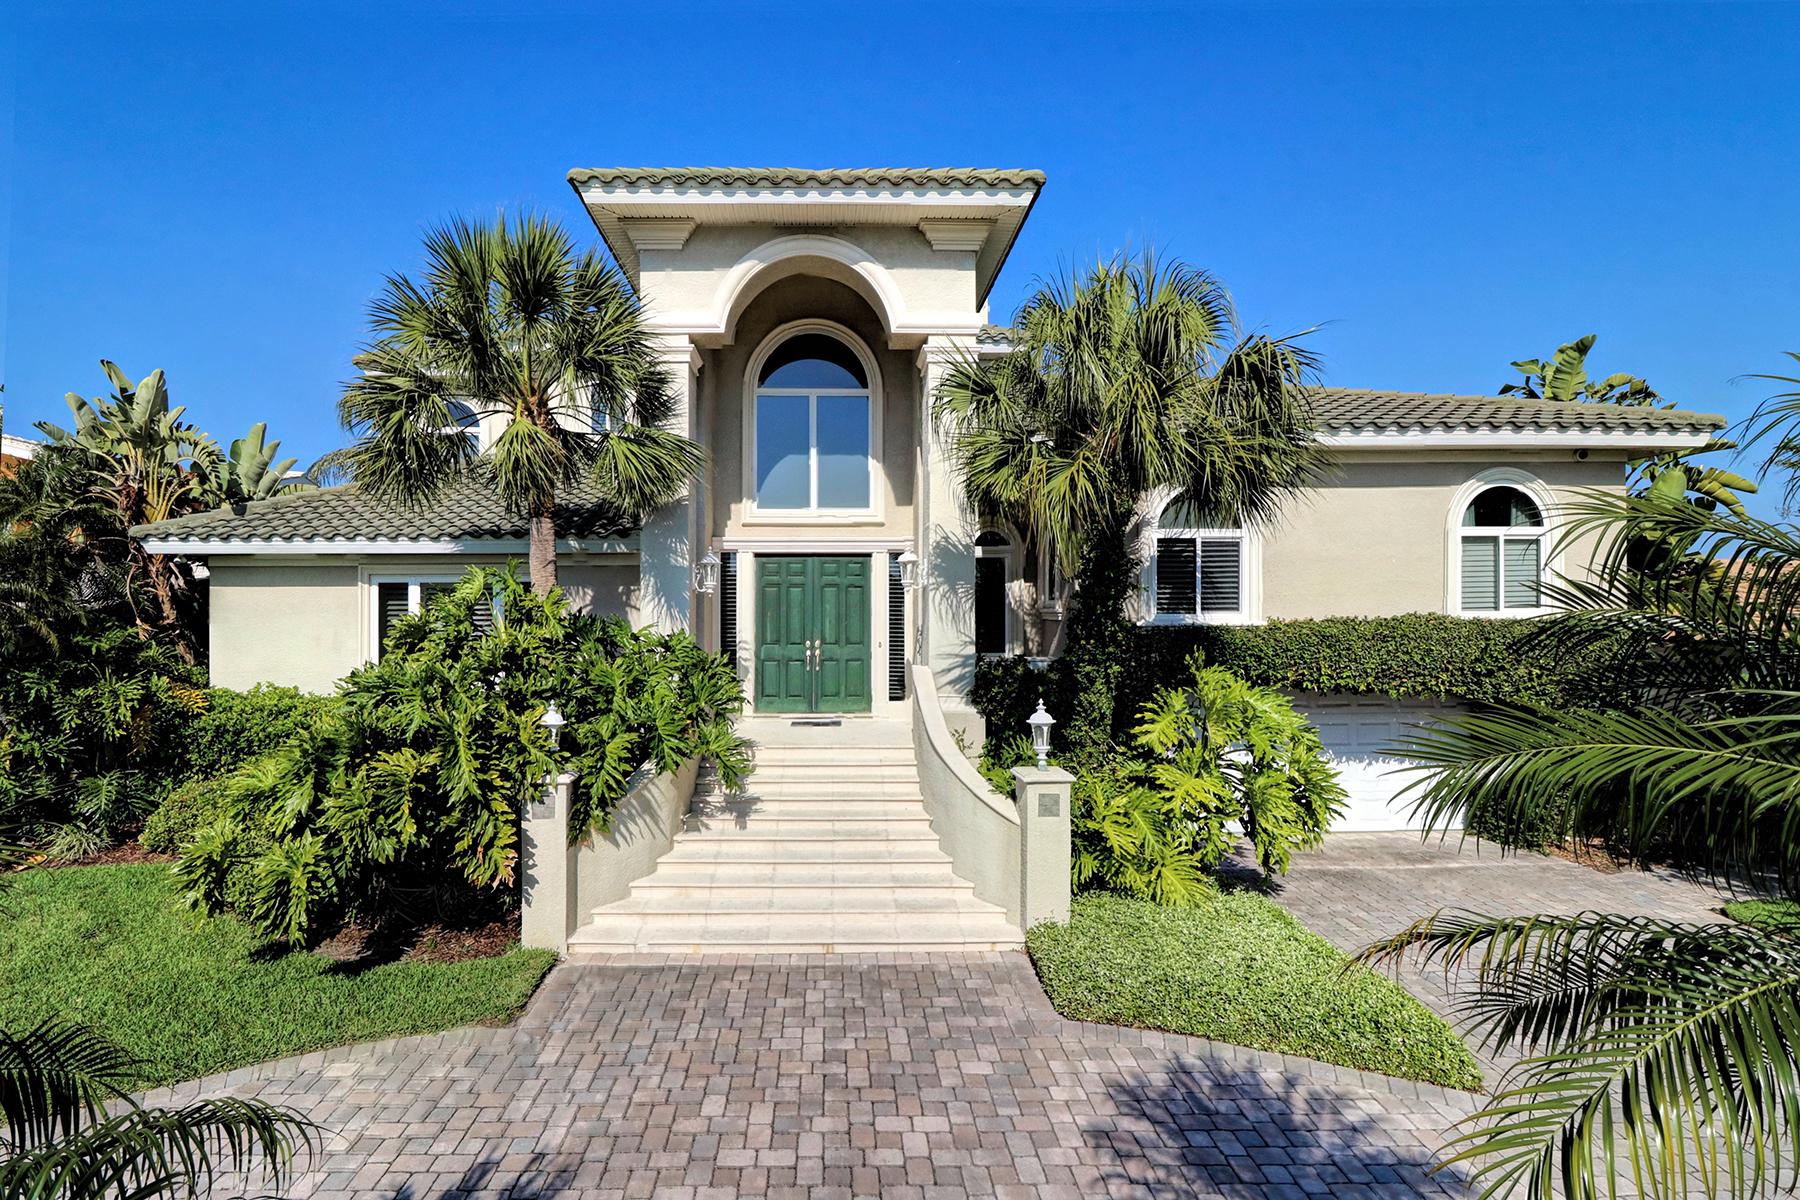 Casa Unifamiliar por un Venta en CLEARWATER 56 Windward Clearwater Beach, Florida, 33767 Estados Unidos